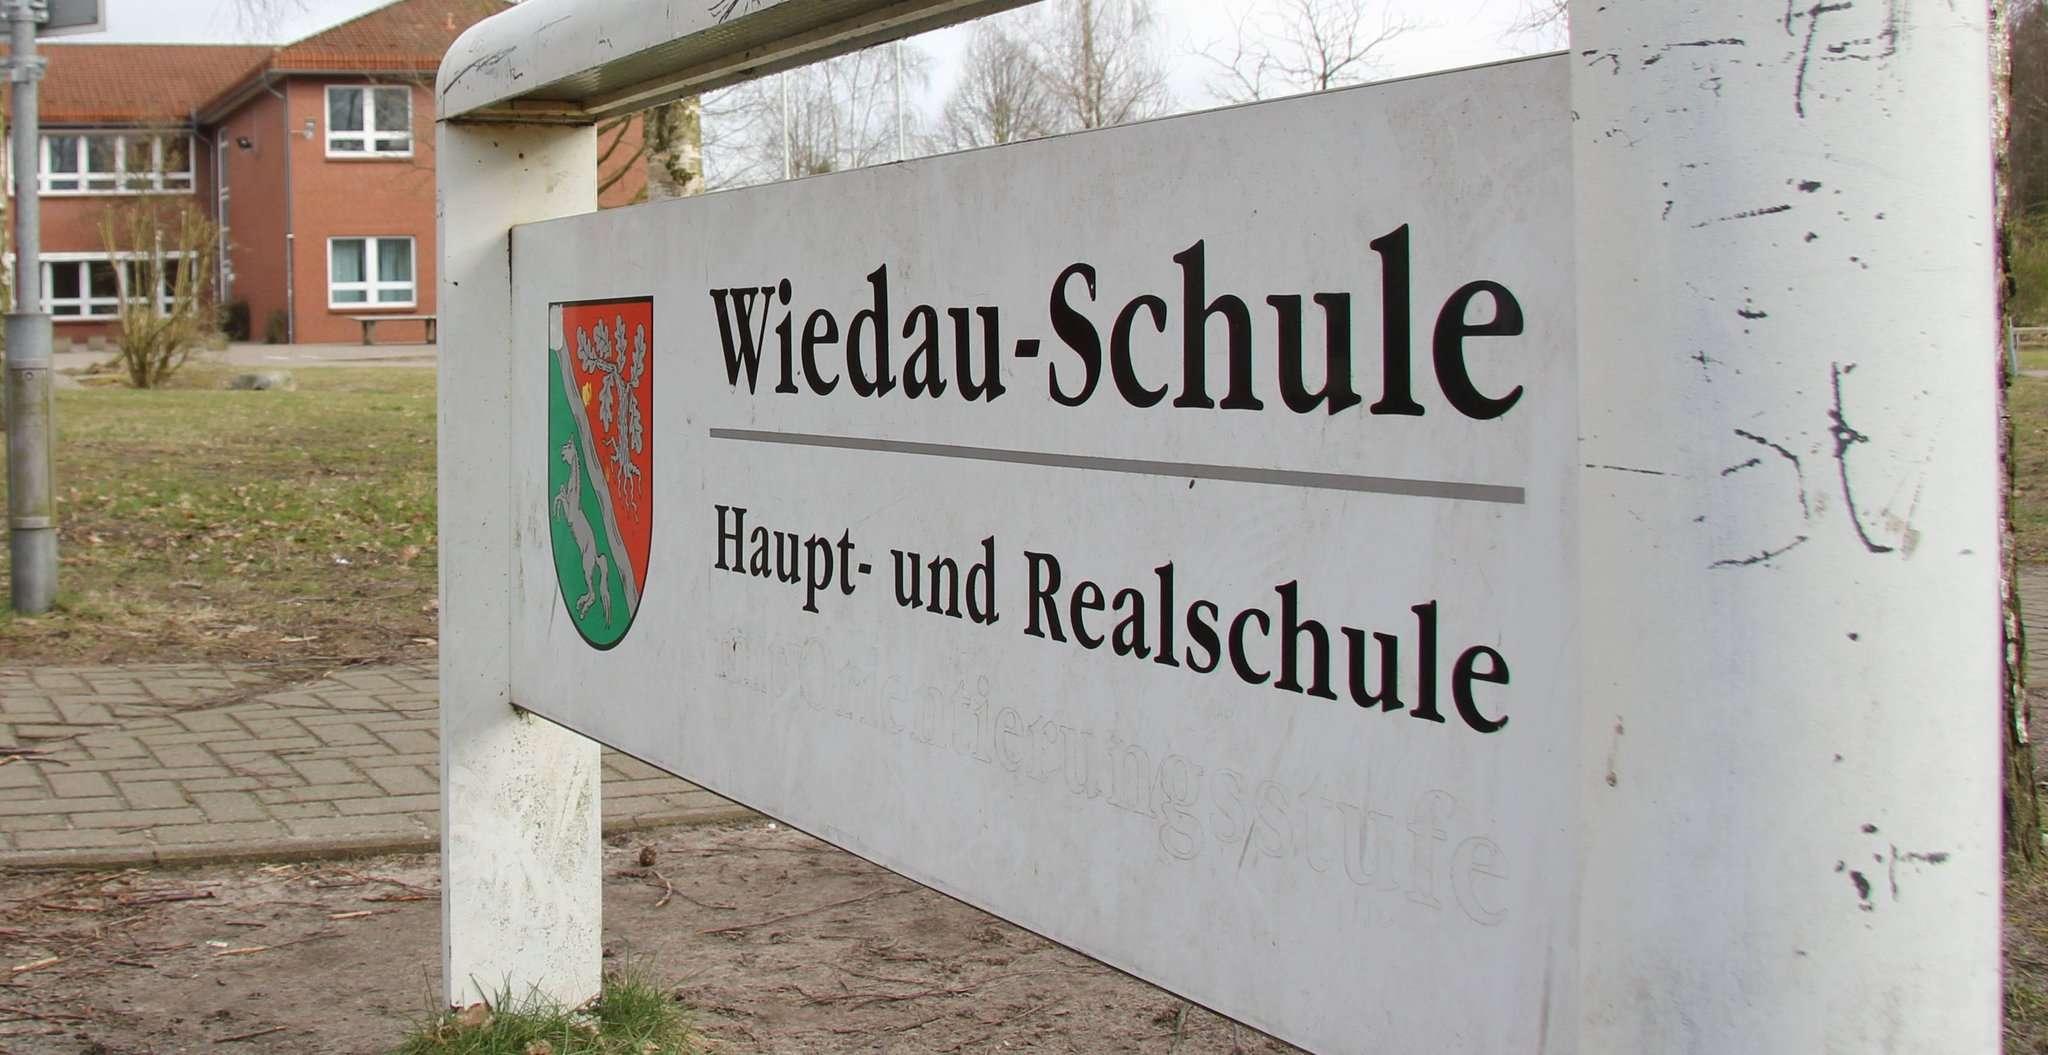 Die Wiedau-Schule soll umgebaut und saniert werden. Archivfoto: Nina Baucke